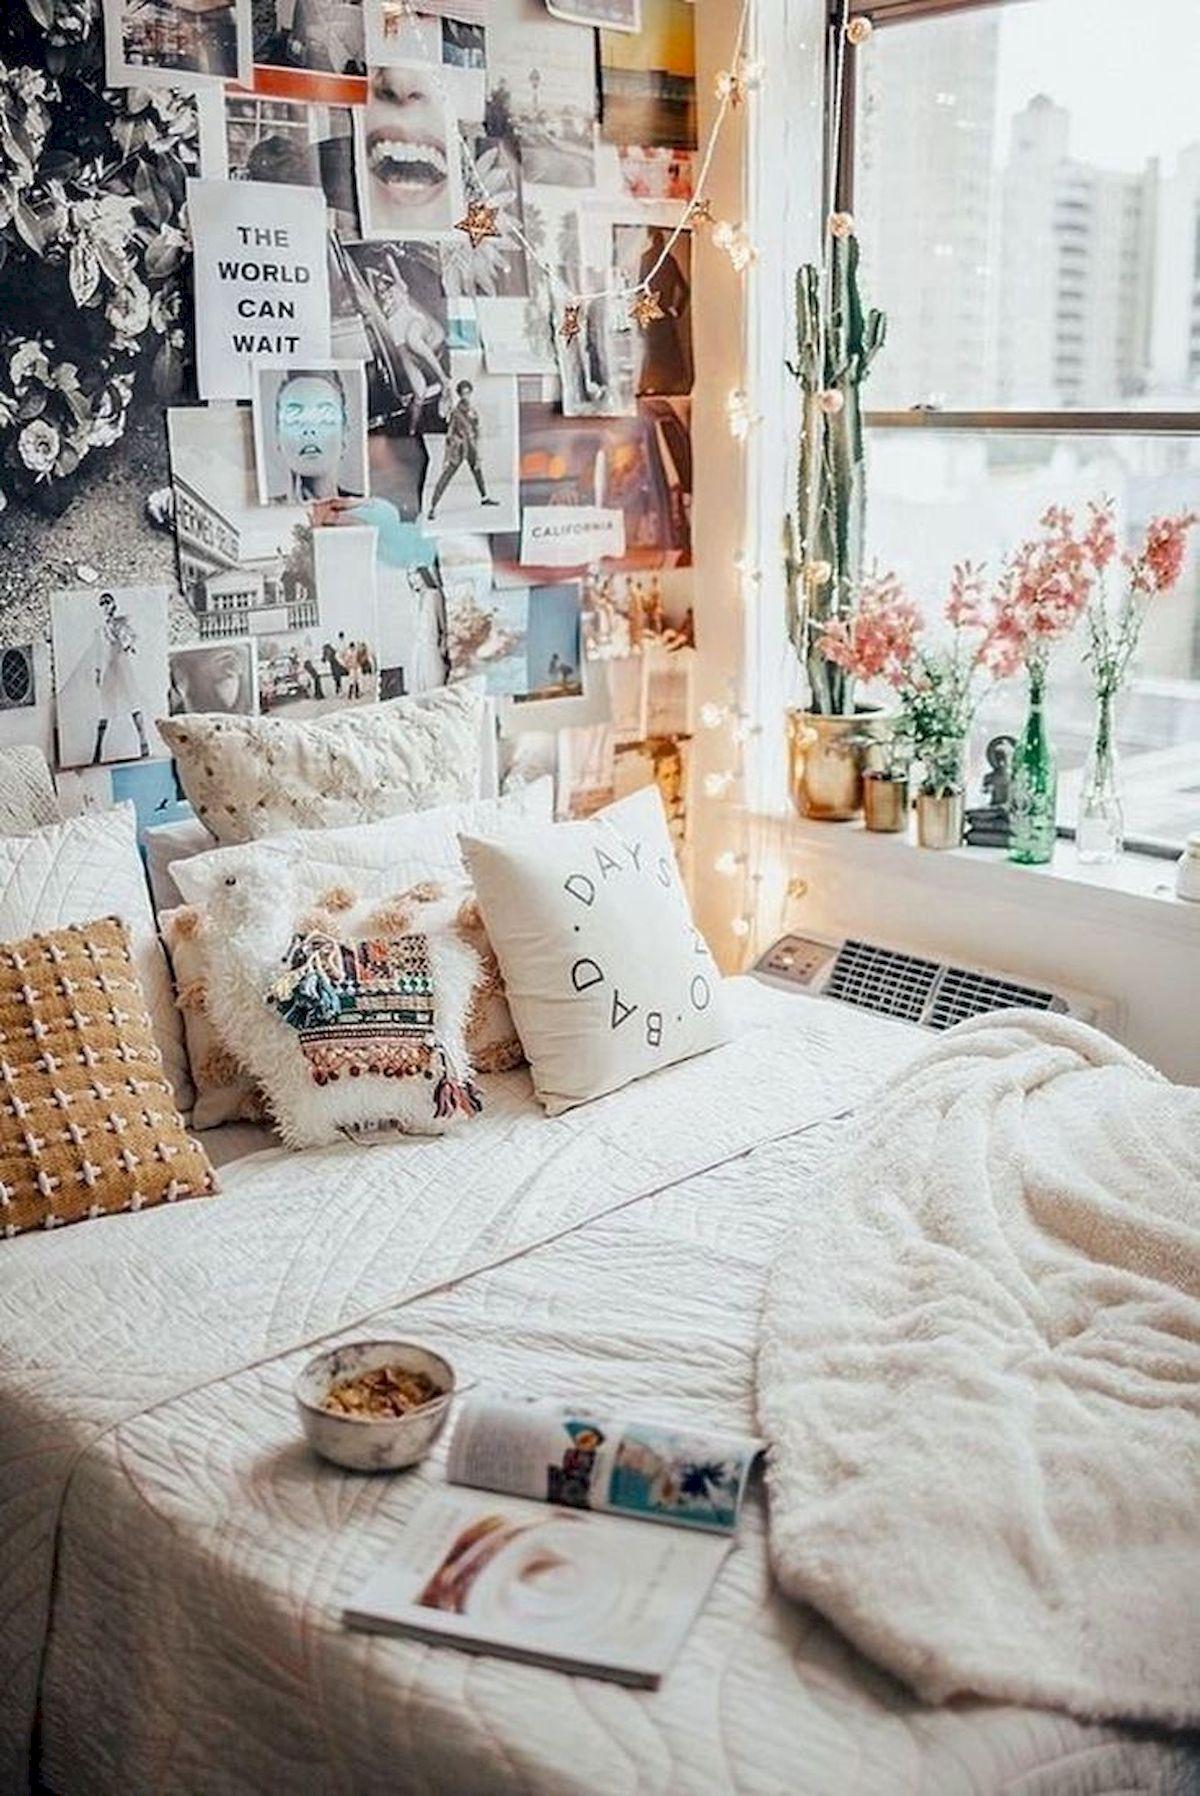 Zimmer Deko Tumblr - welche Merkmale sind für Tumblr Stil typisch